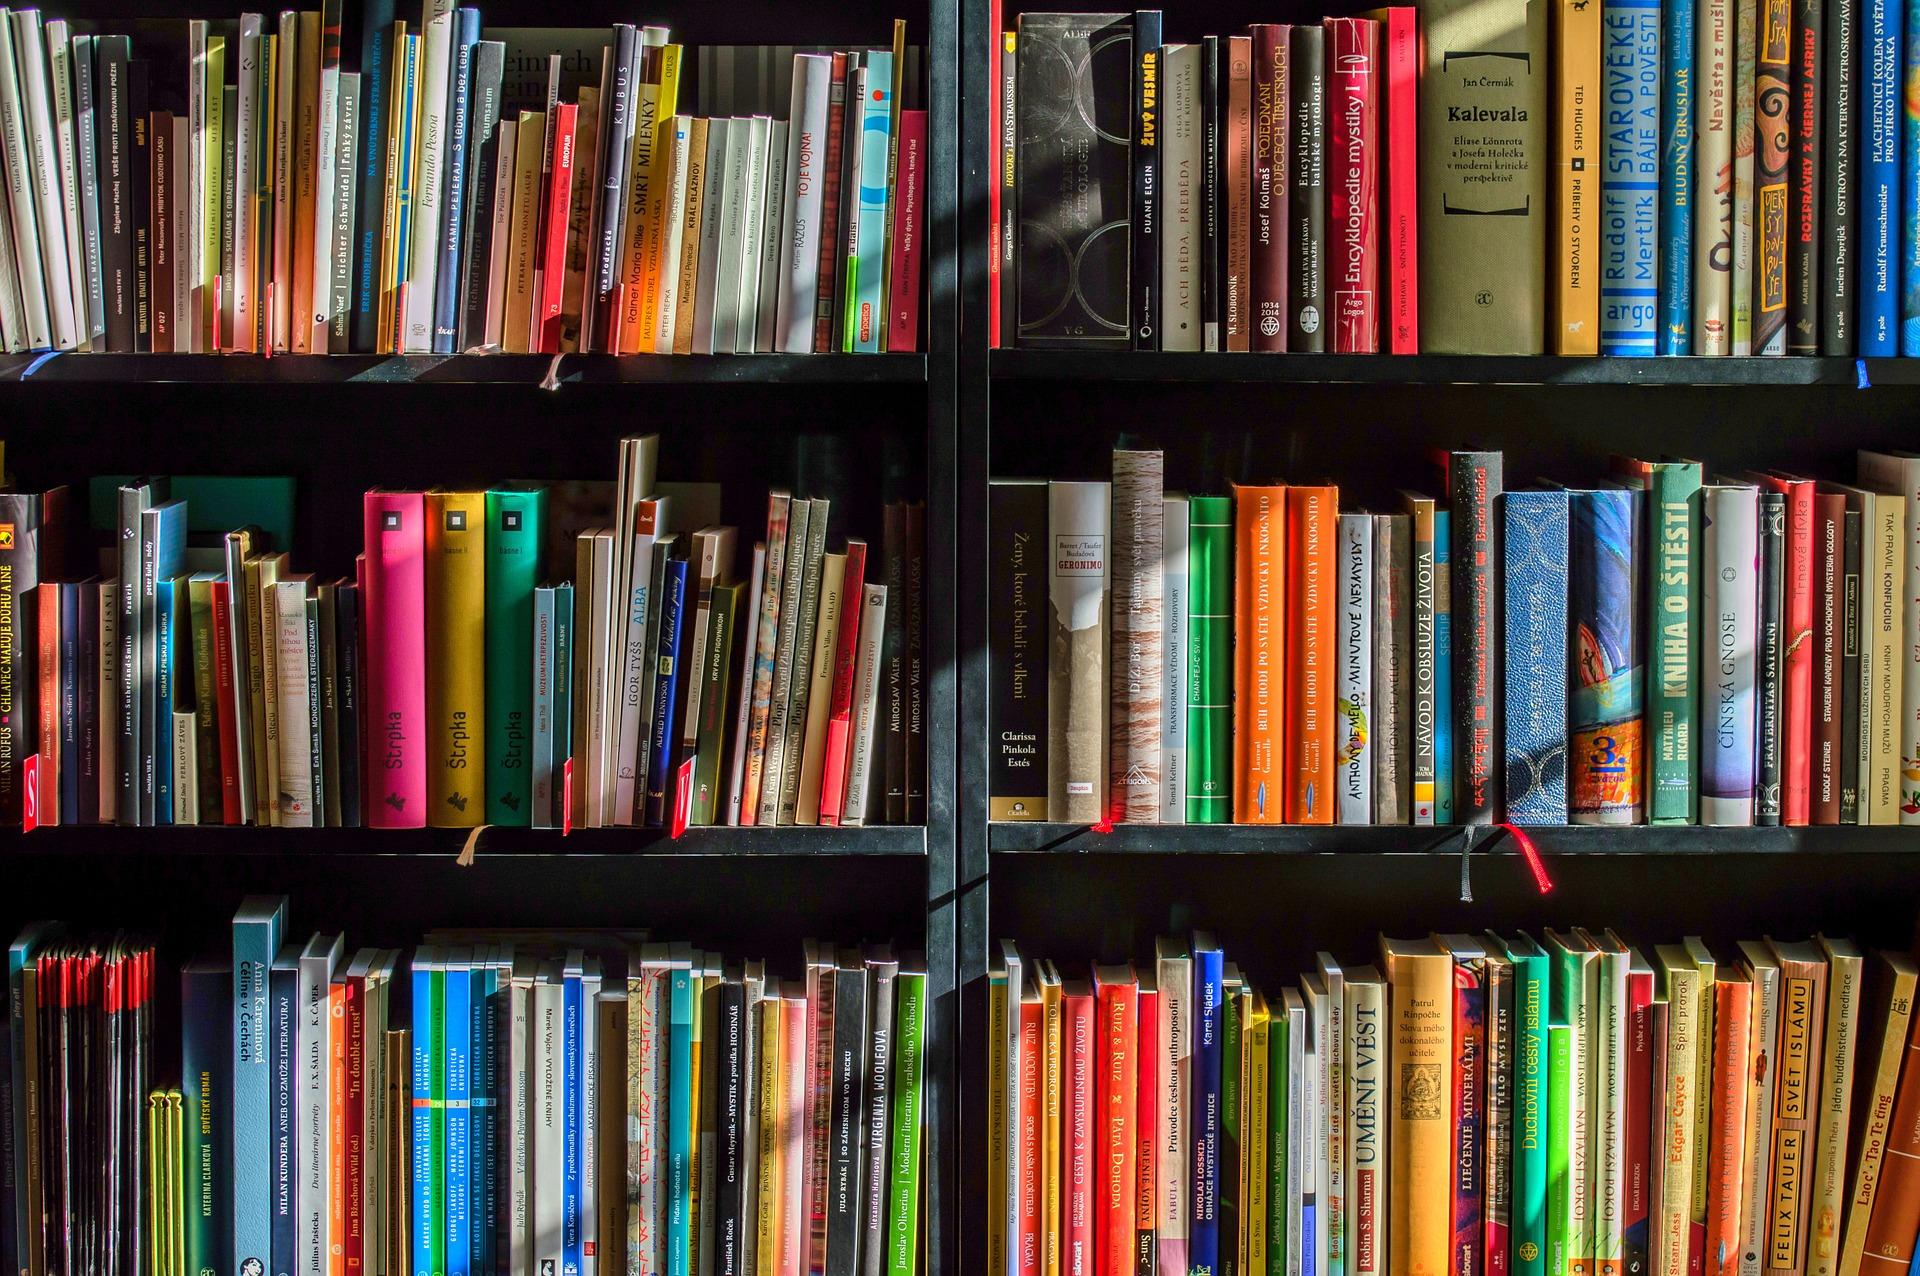 Książki za darmo dla maluchów do odebrania w bibliotece - Zdjęcie główne